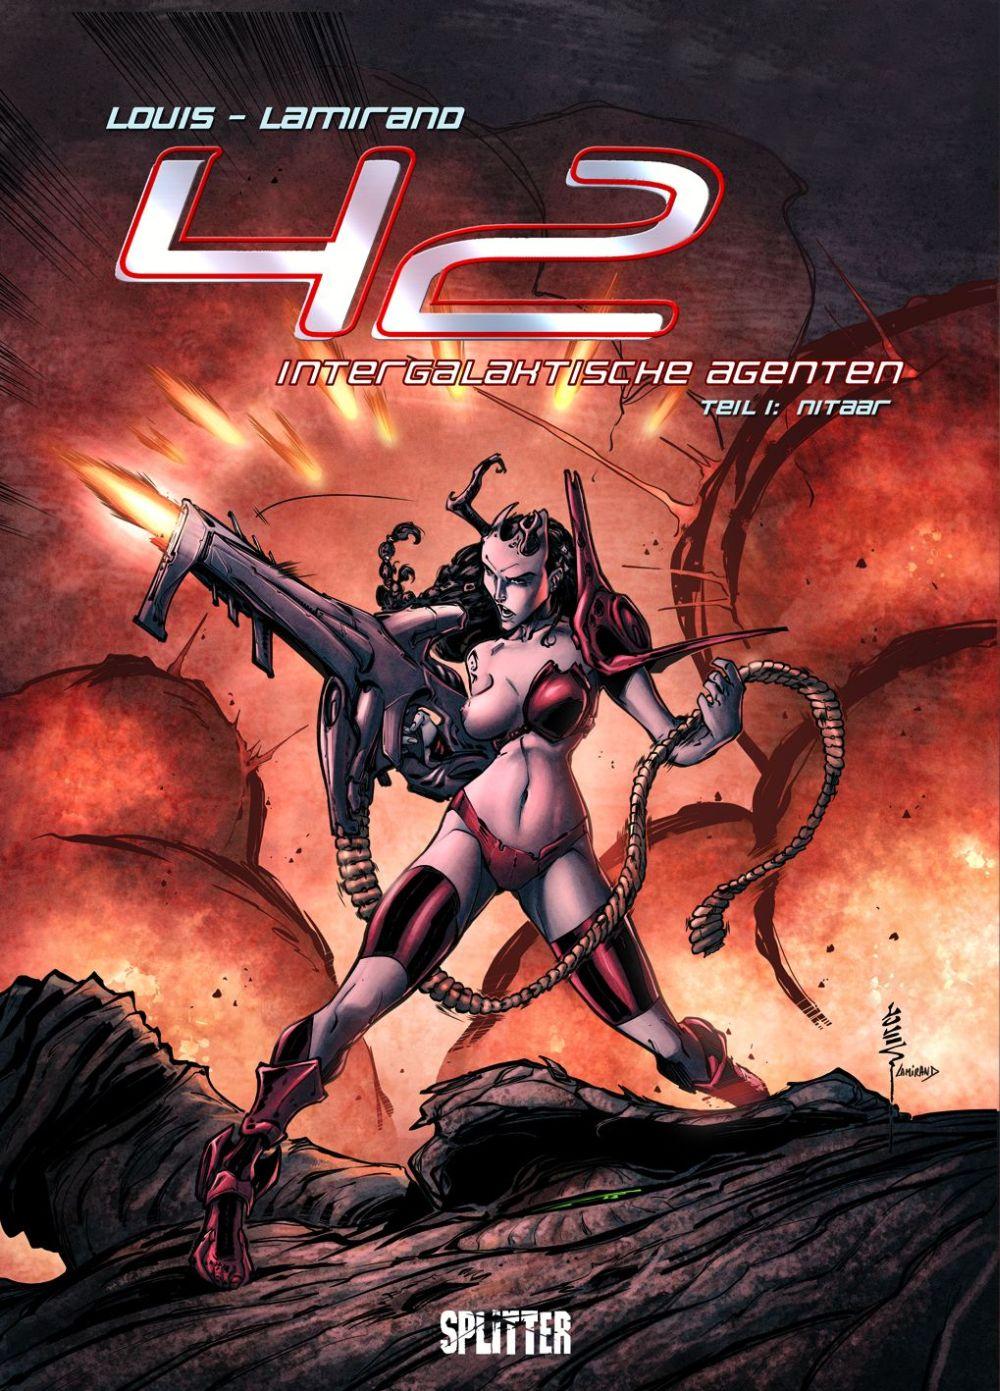 42 - Intergalaktische Agenten 1 : Nitaar